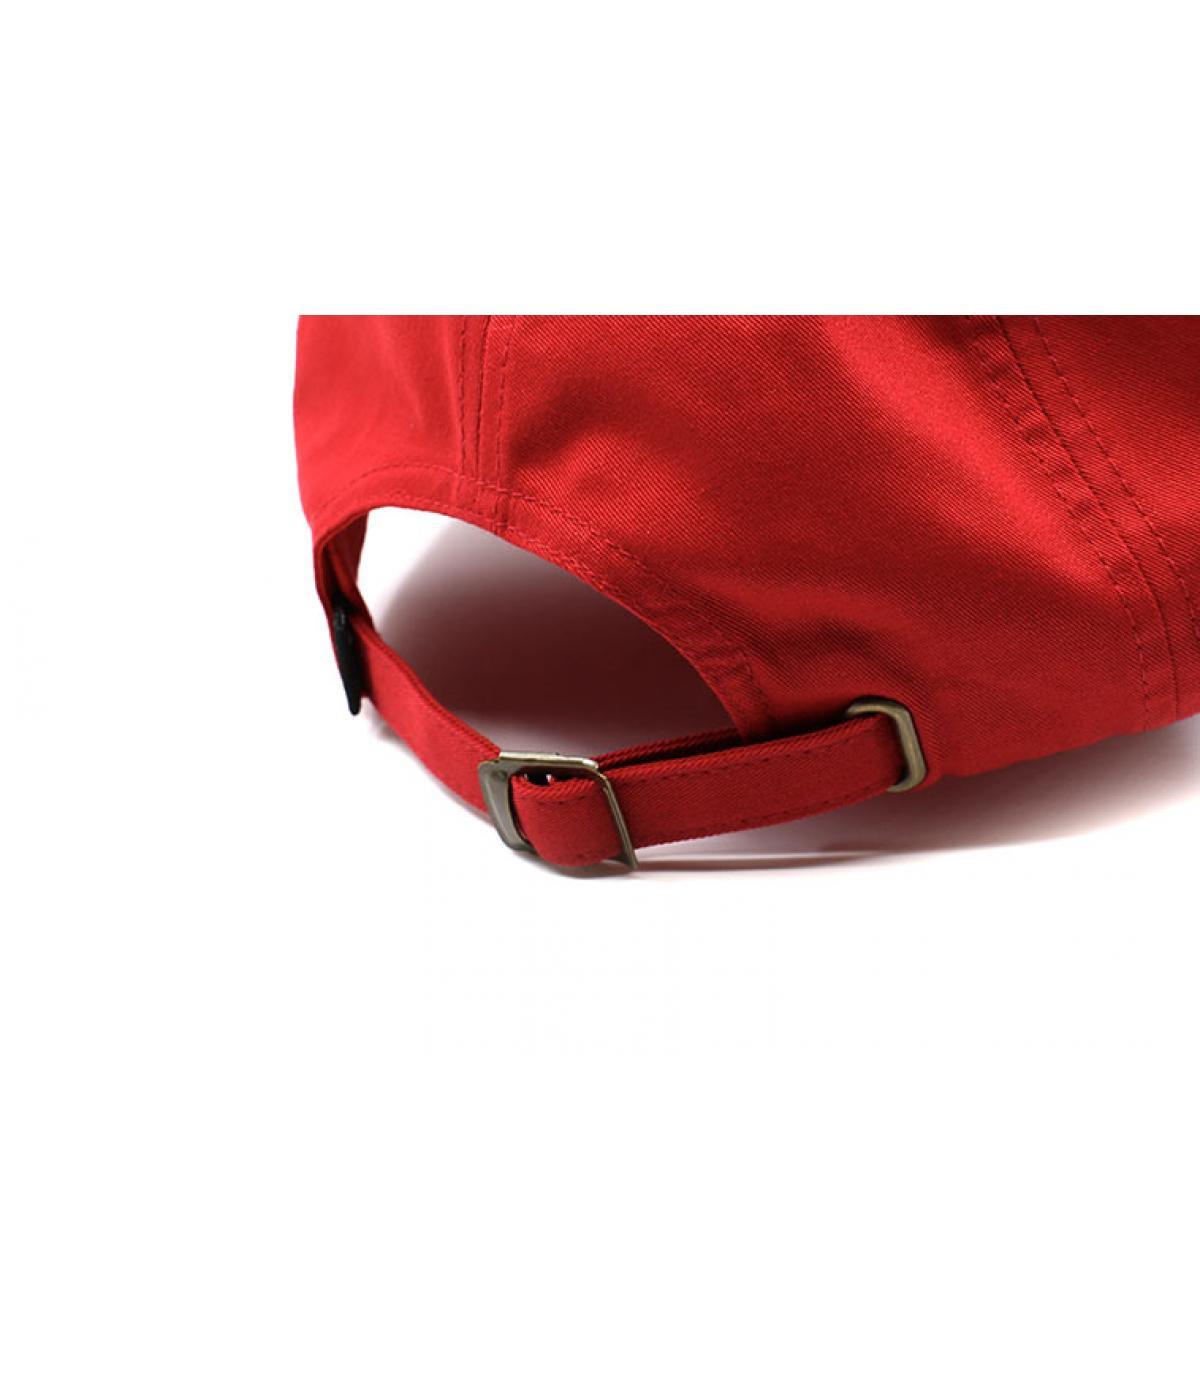 Details Essentials OG Logo red - afbeeling 5